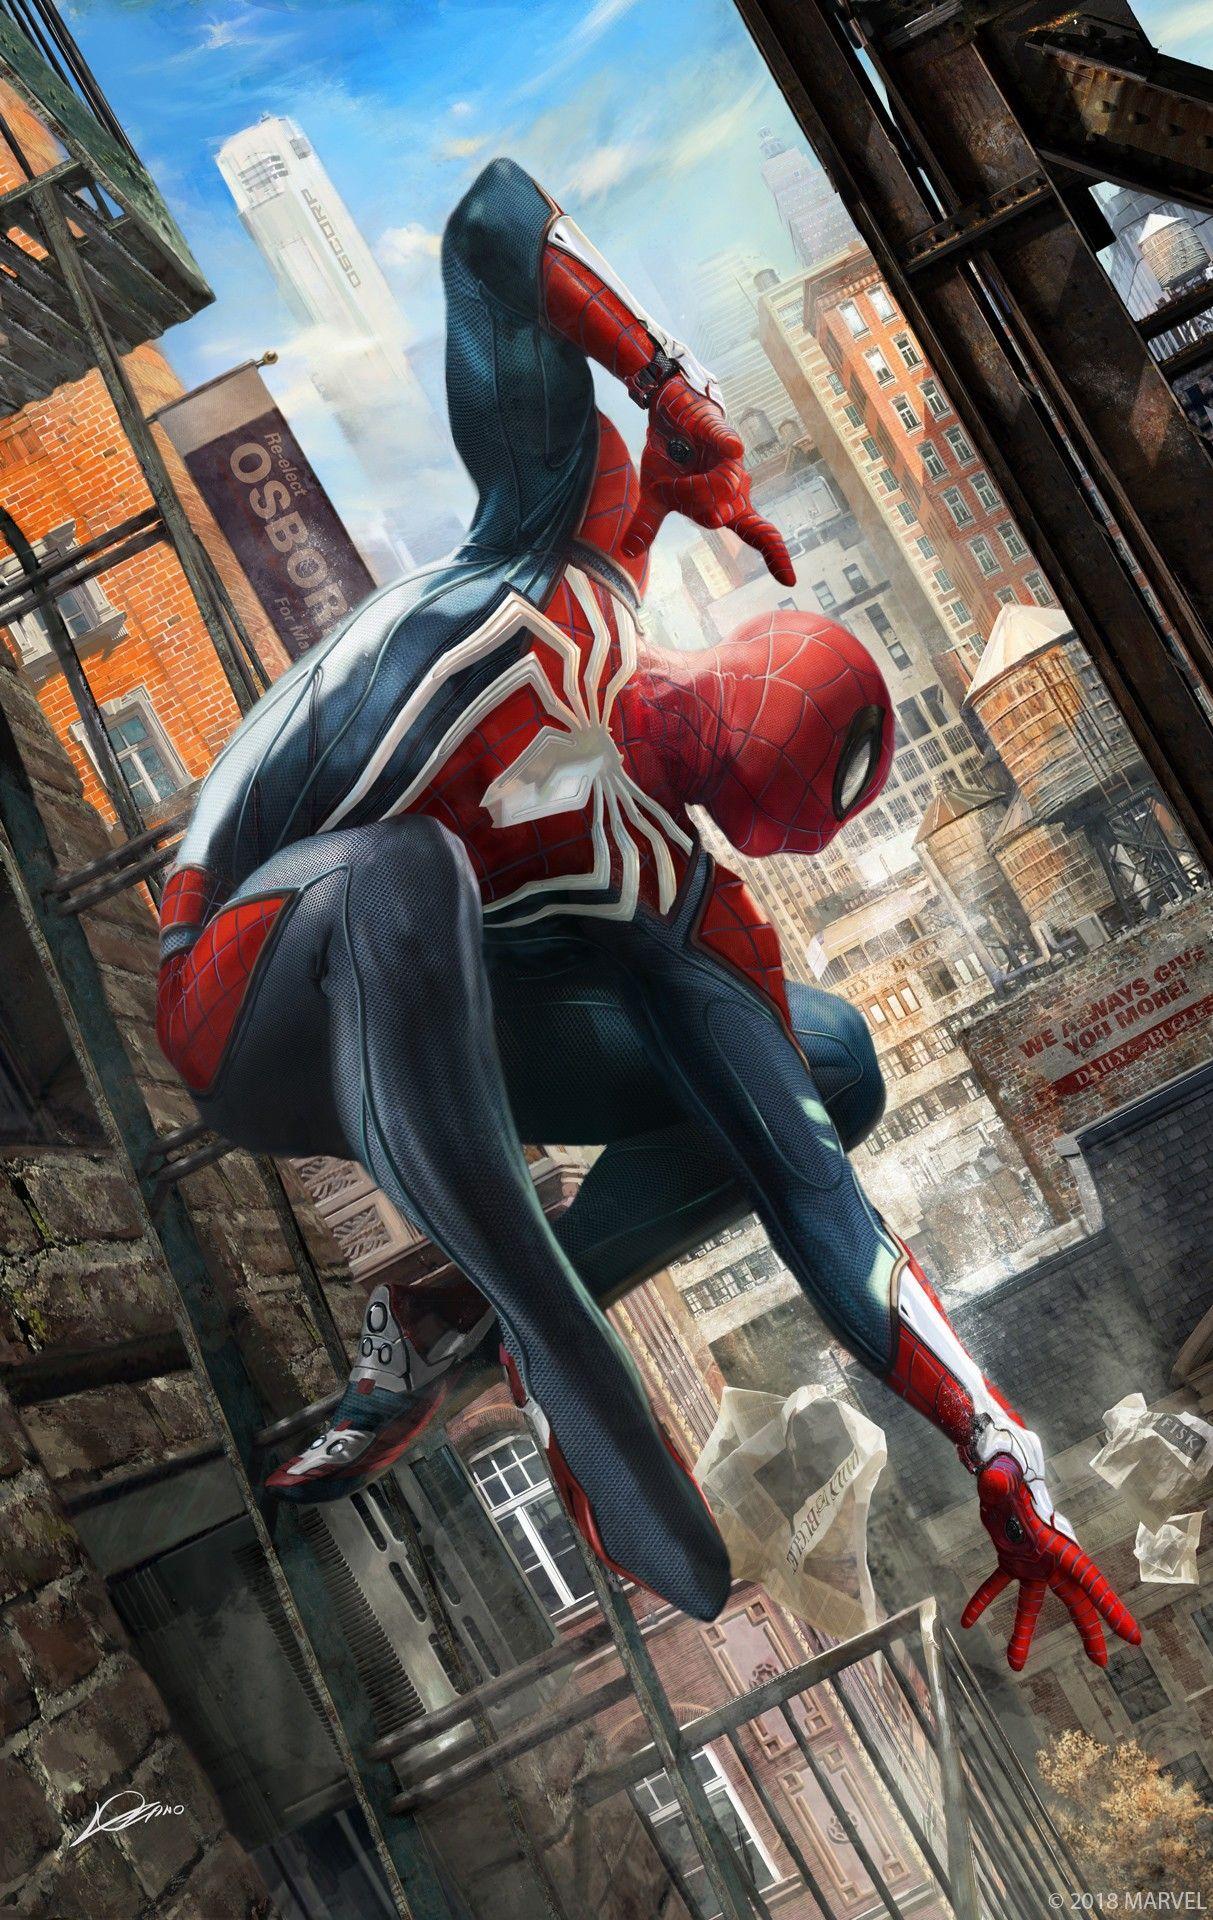 Spider Man Ps4 Marvel spiderman, Spiderman, Spider man